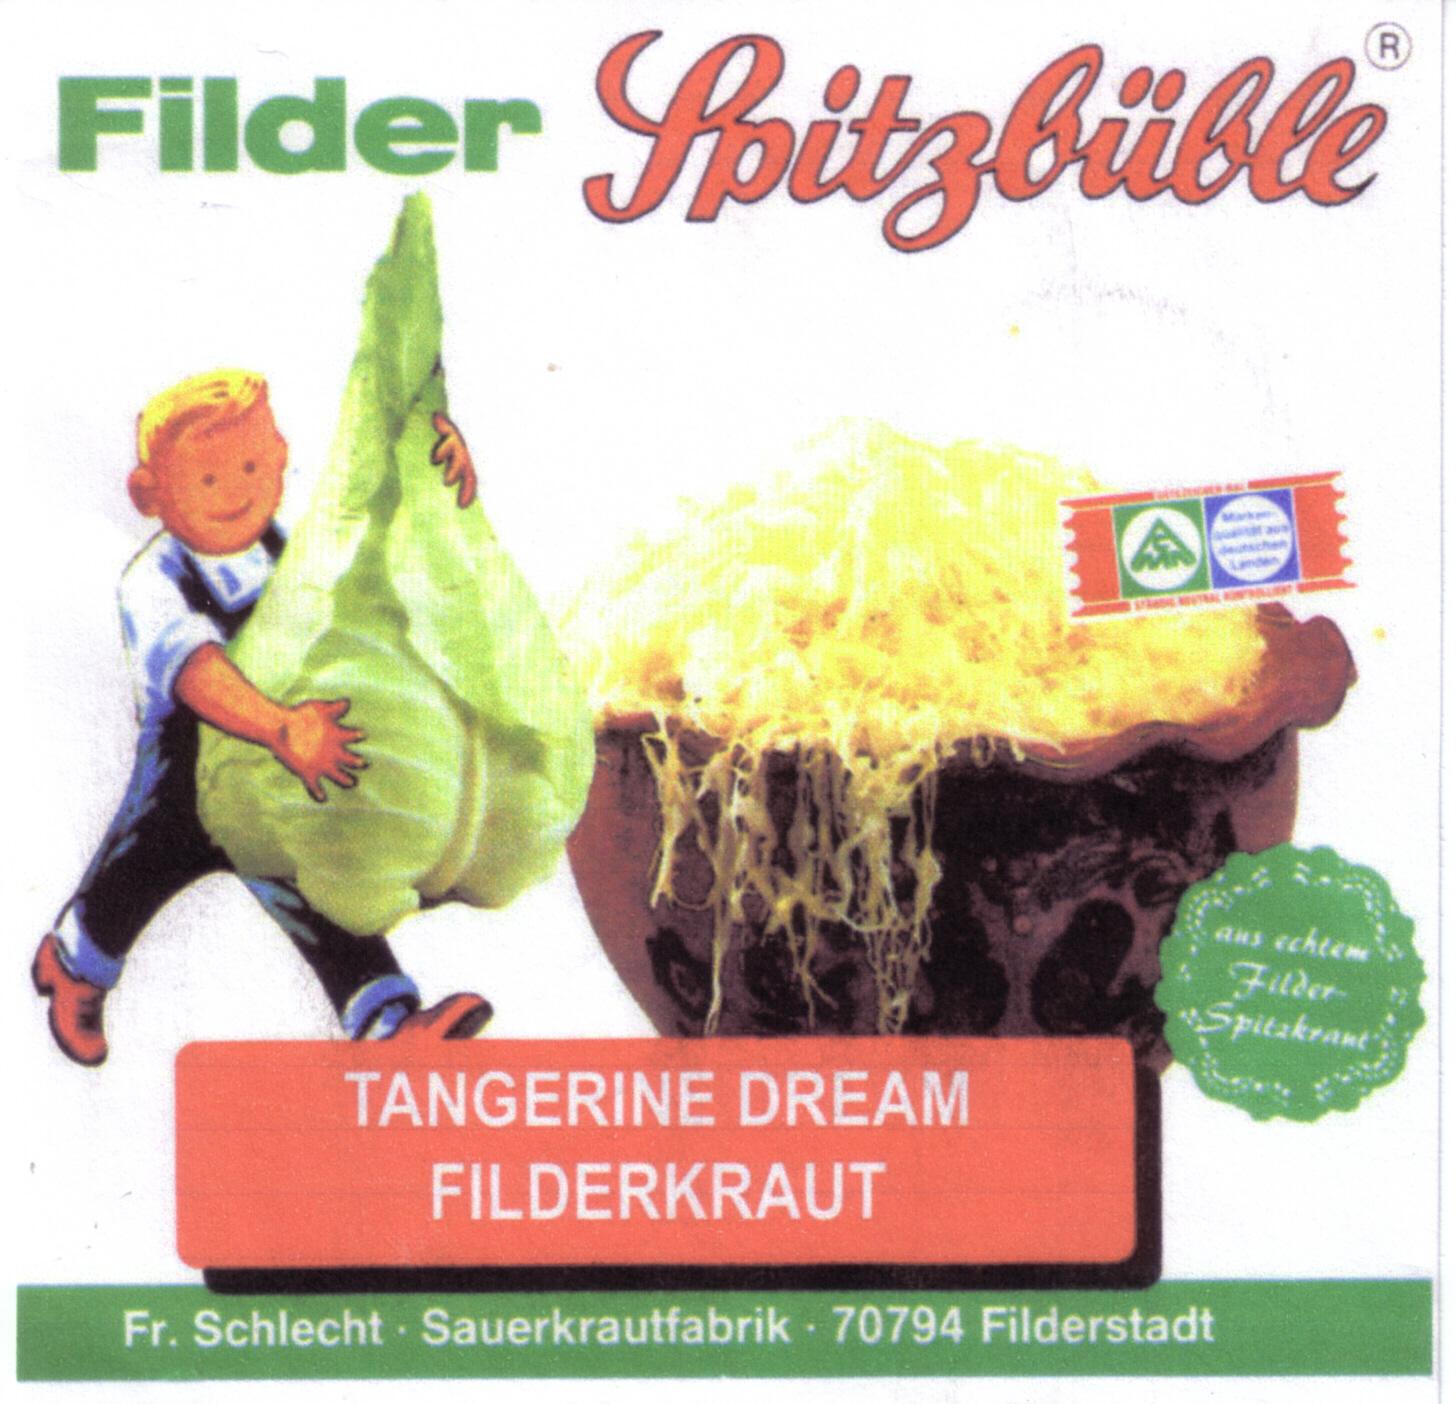 TangerineDream1997-04-10FilderkrautFilderstadtGermany.jpg